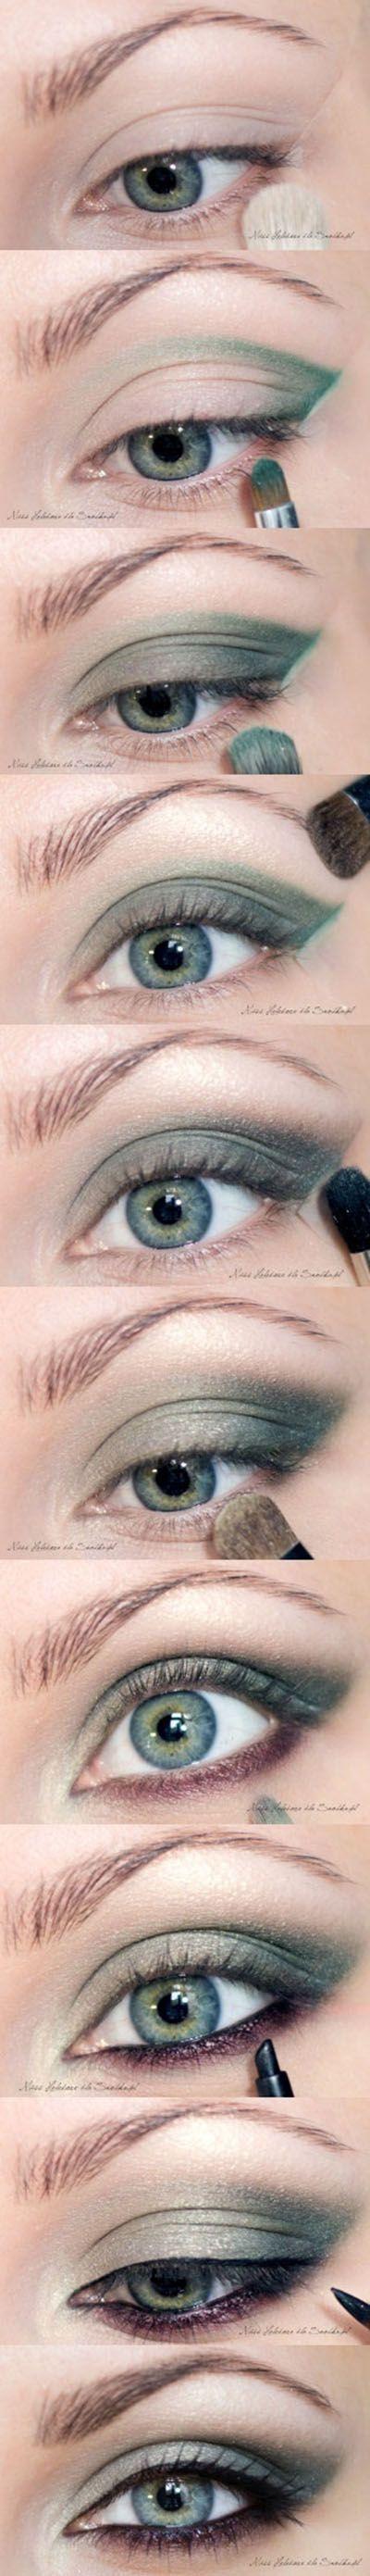 para quem tem olhos verdes - Sombras verdes para make de natal | MariMoon